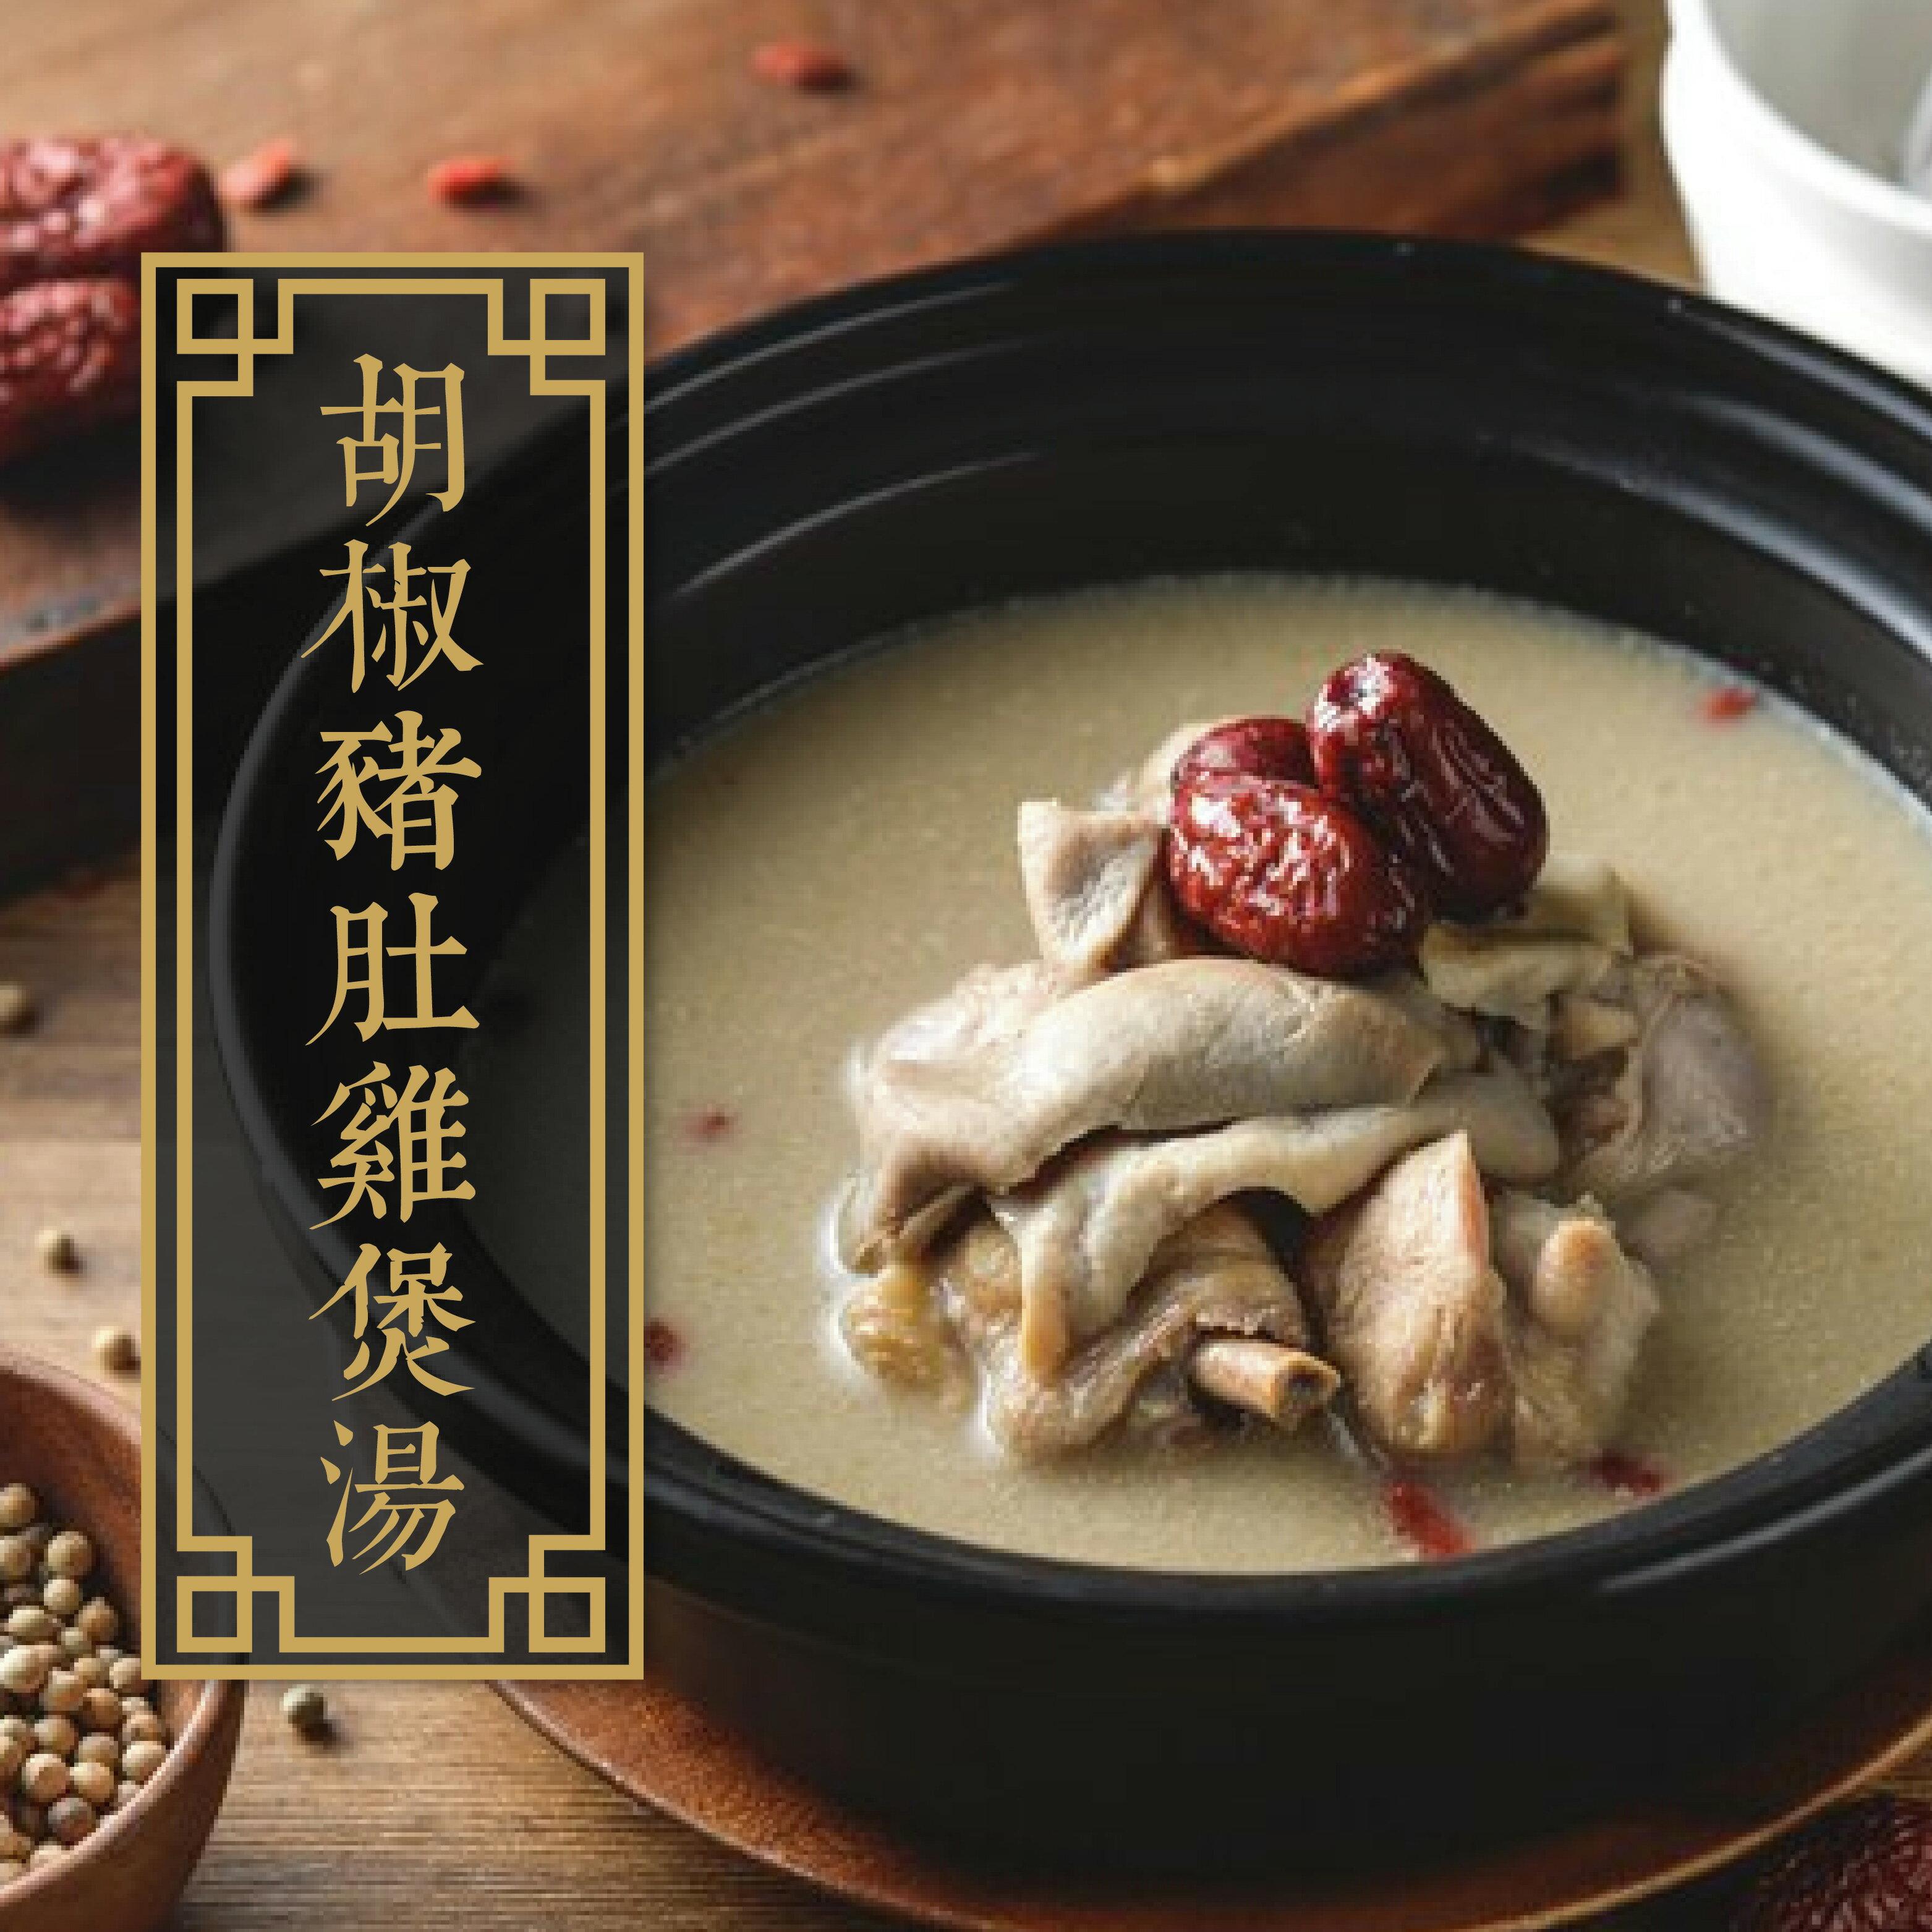 胡椒豬肚雞煲湯600g        💫  純正古法燉煮,熬煮八小時以上。 0